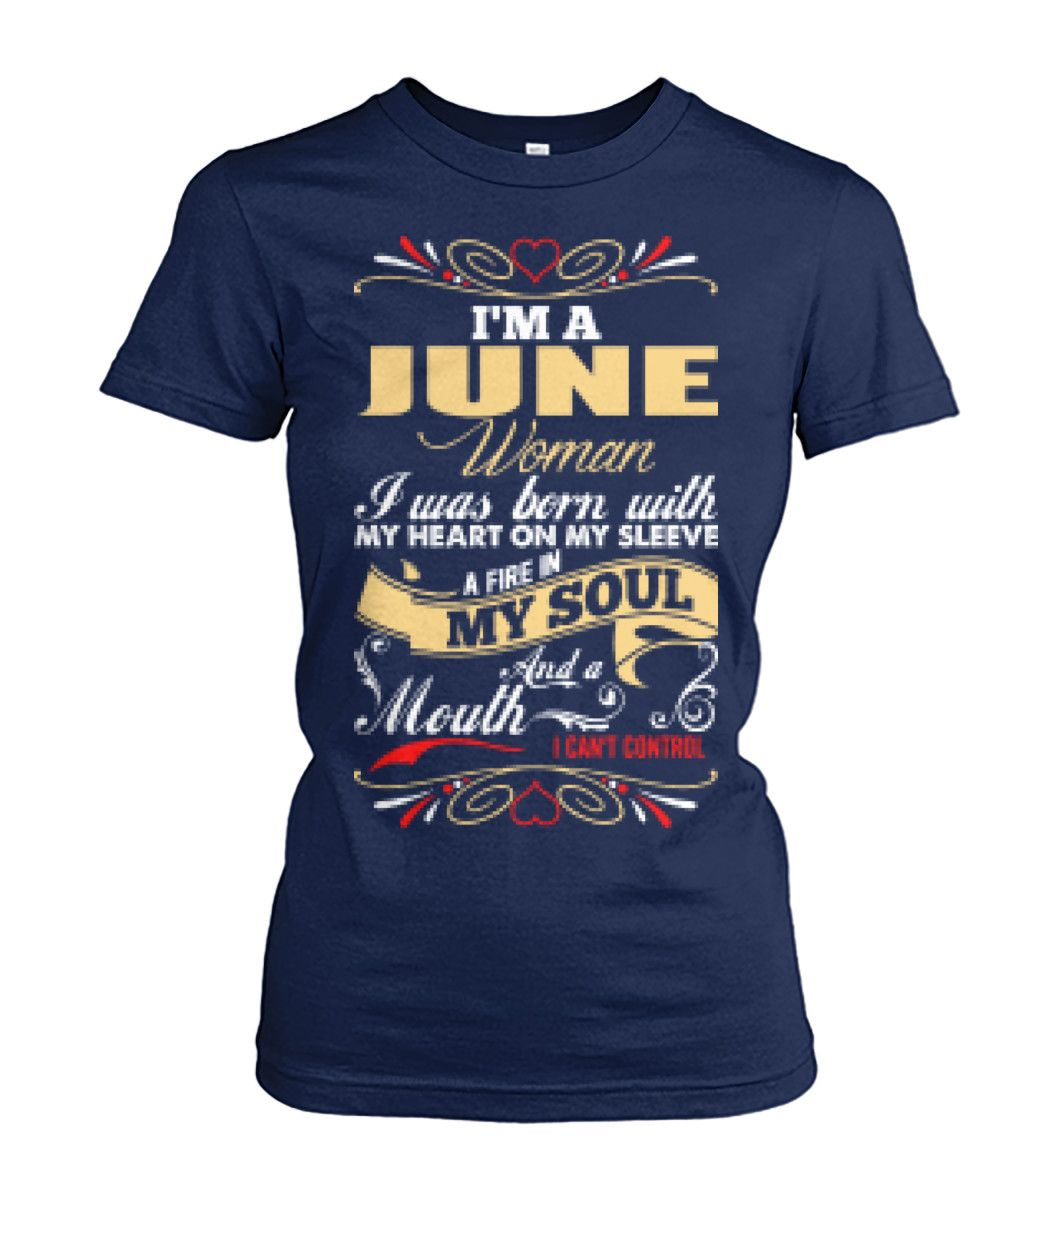 I'm A June Woman T-Shirt